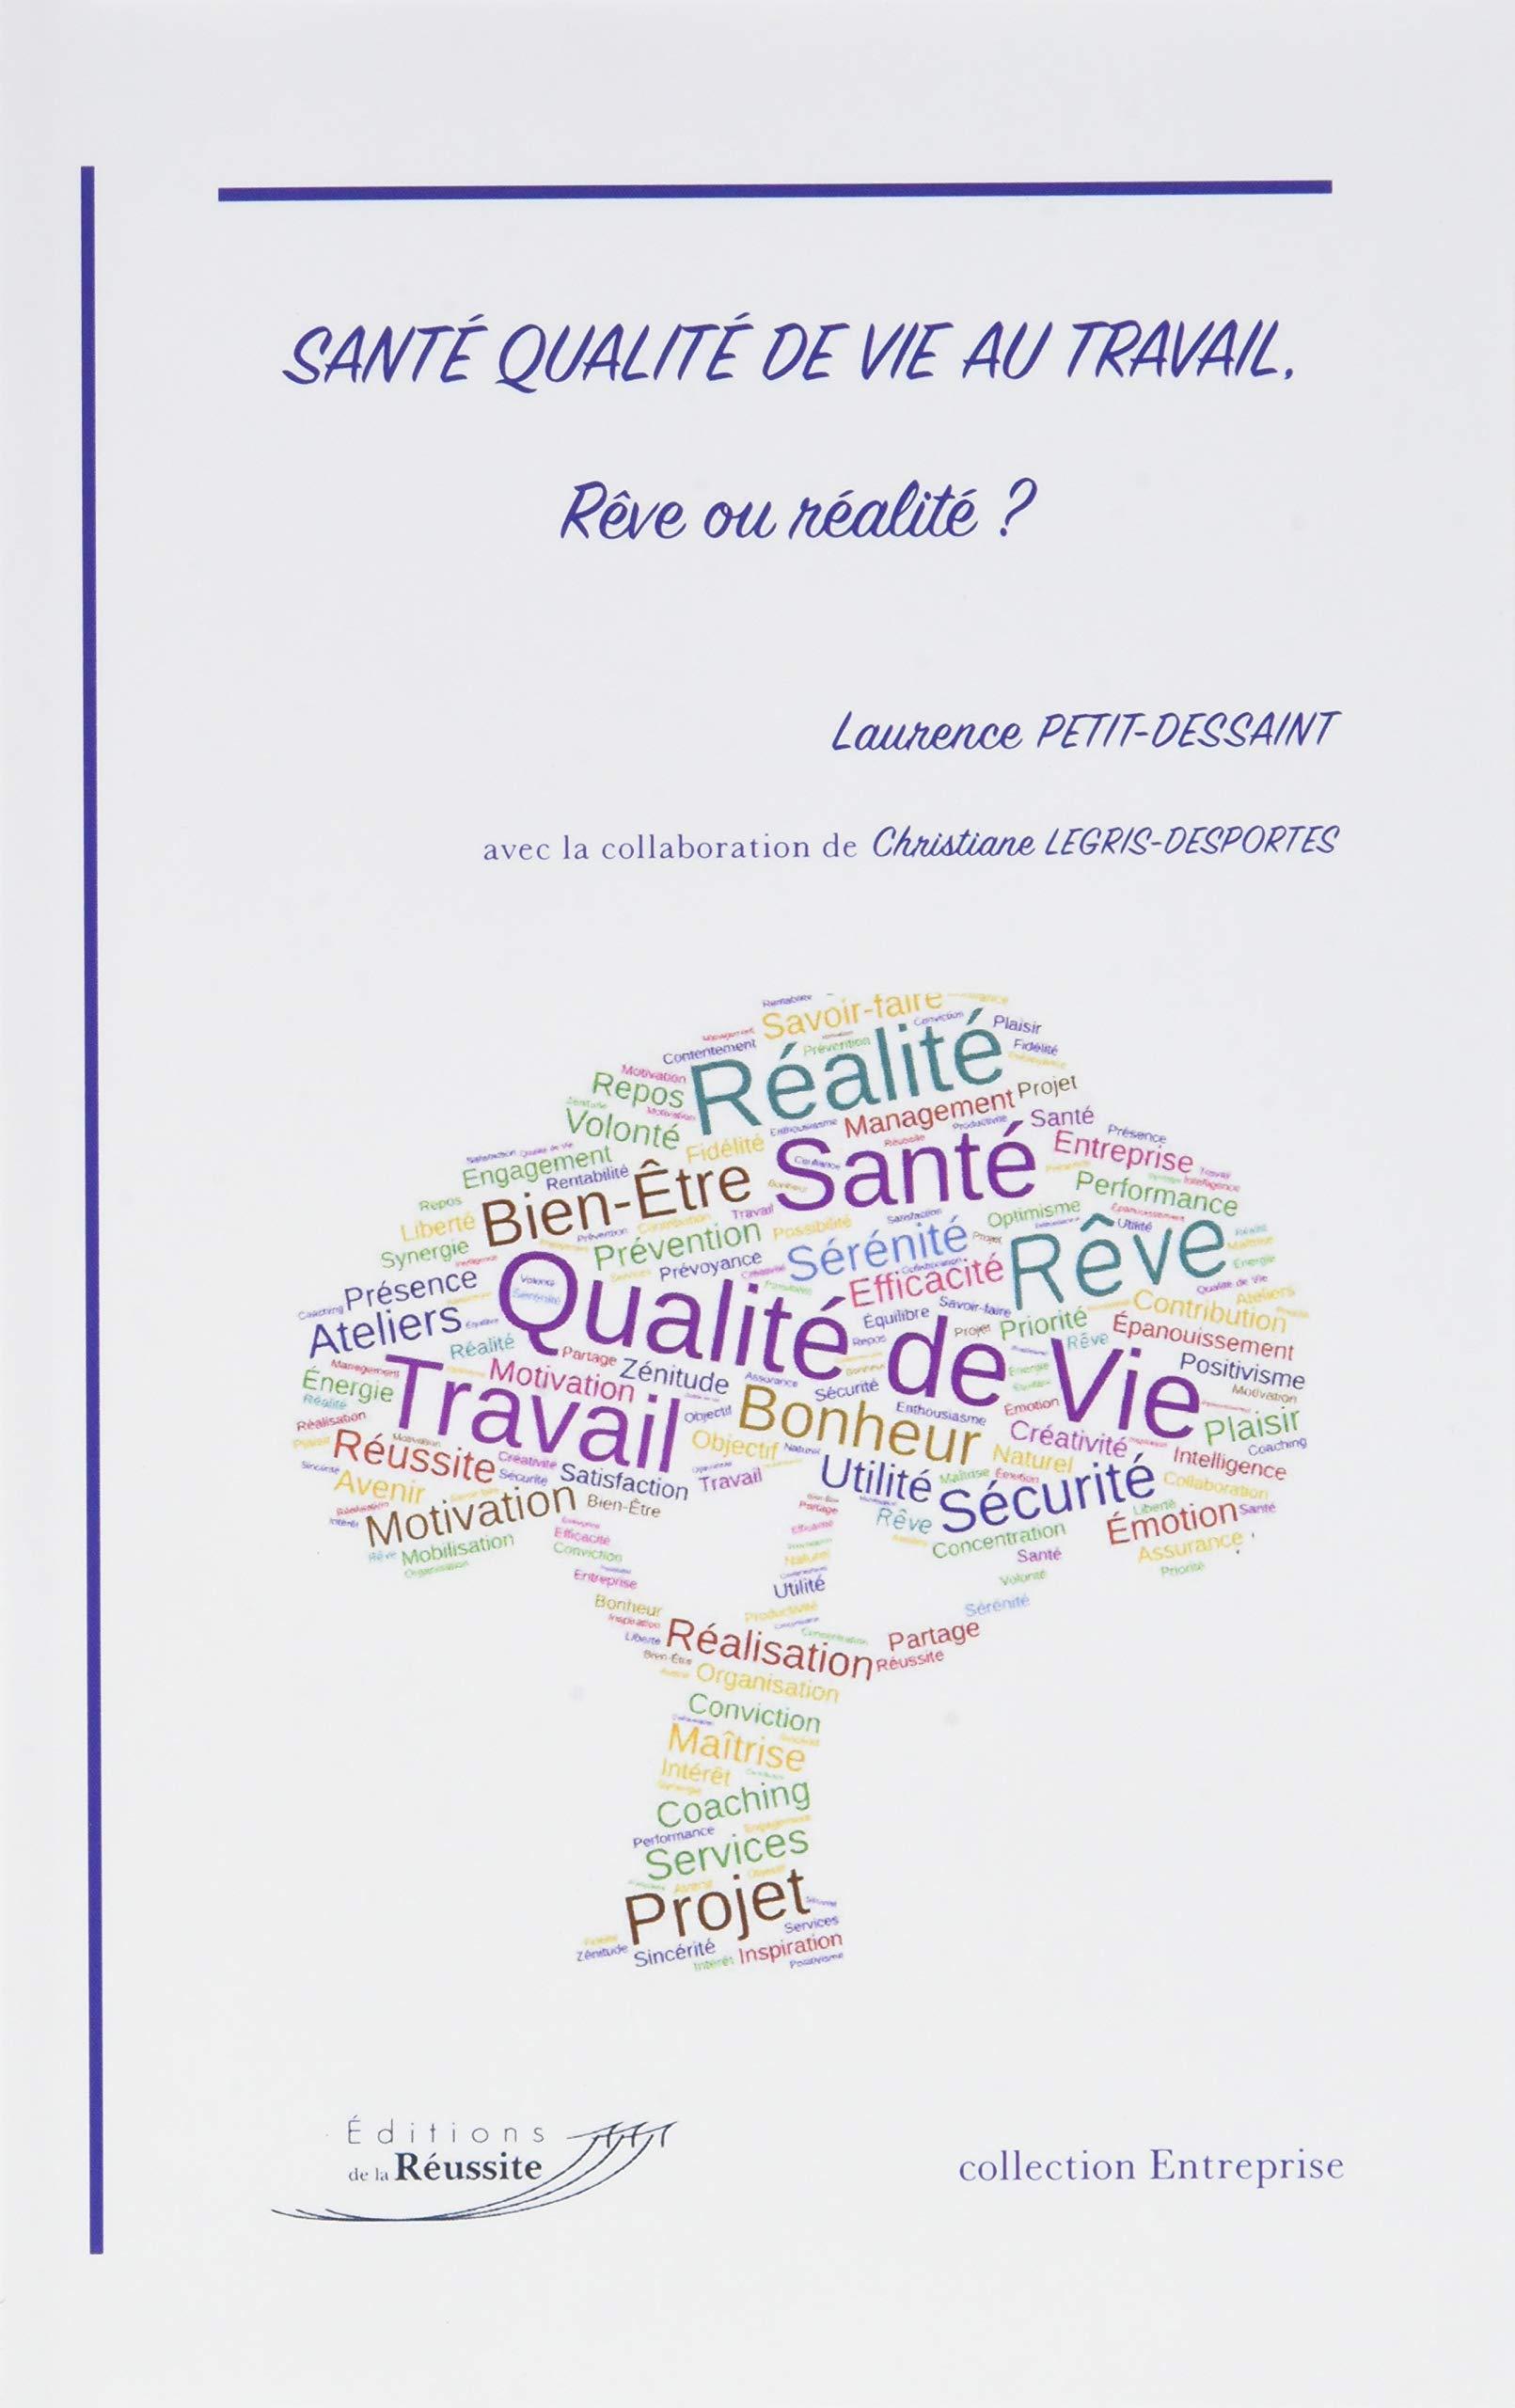 Sante Qualite de Vie au Travail Reve Ou Realite Broché – 16 mai 2018 Petit Dessaint Books on Demand 2490341022 Soziologie